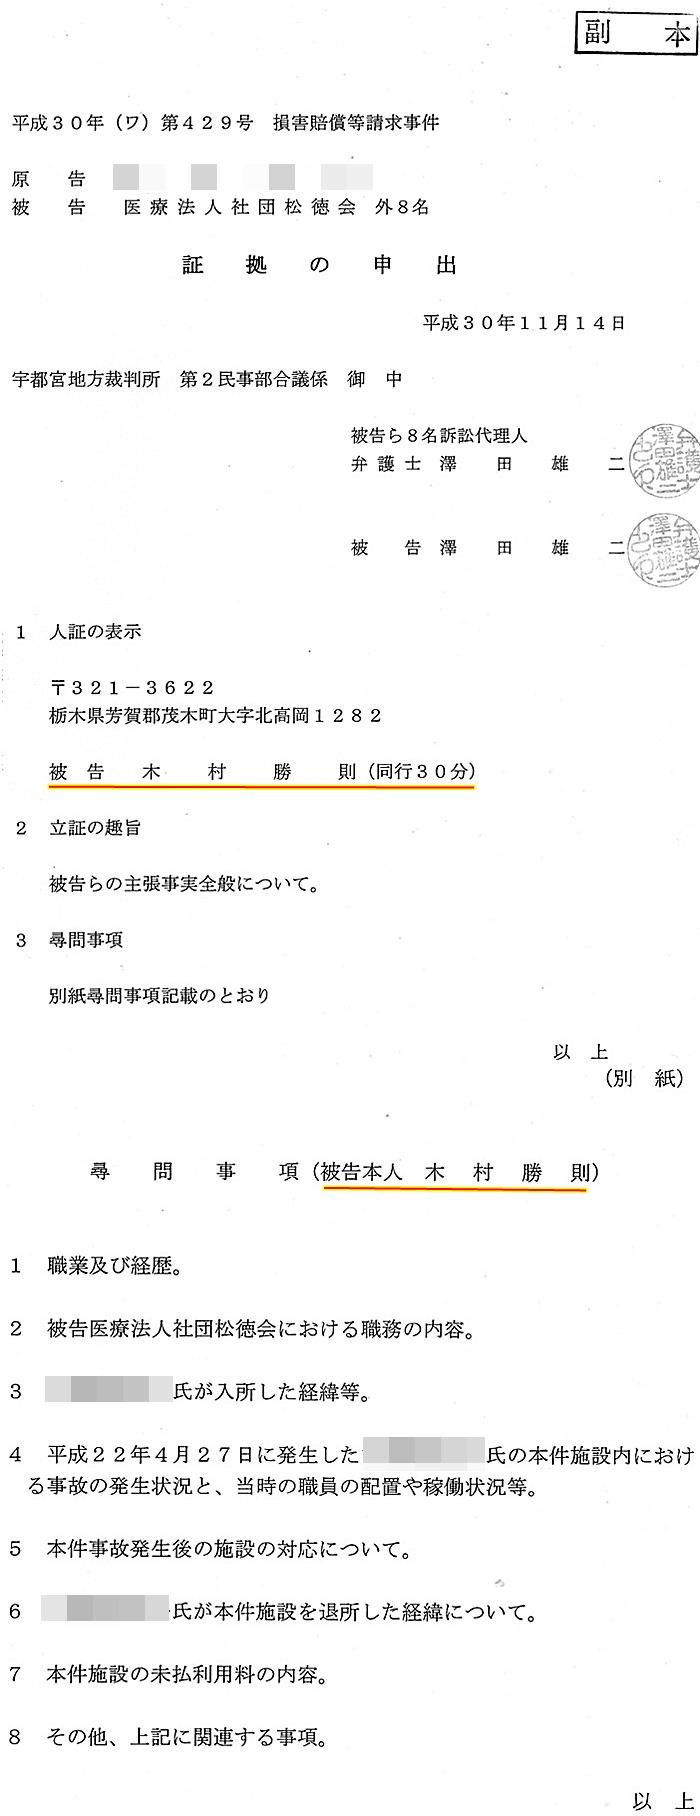 証人申請 被告松徳会 被告澤田雄二 被告木村勝則 もてぎの森うごうだ城